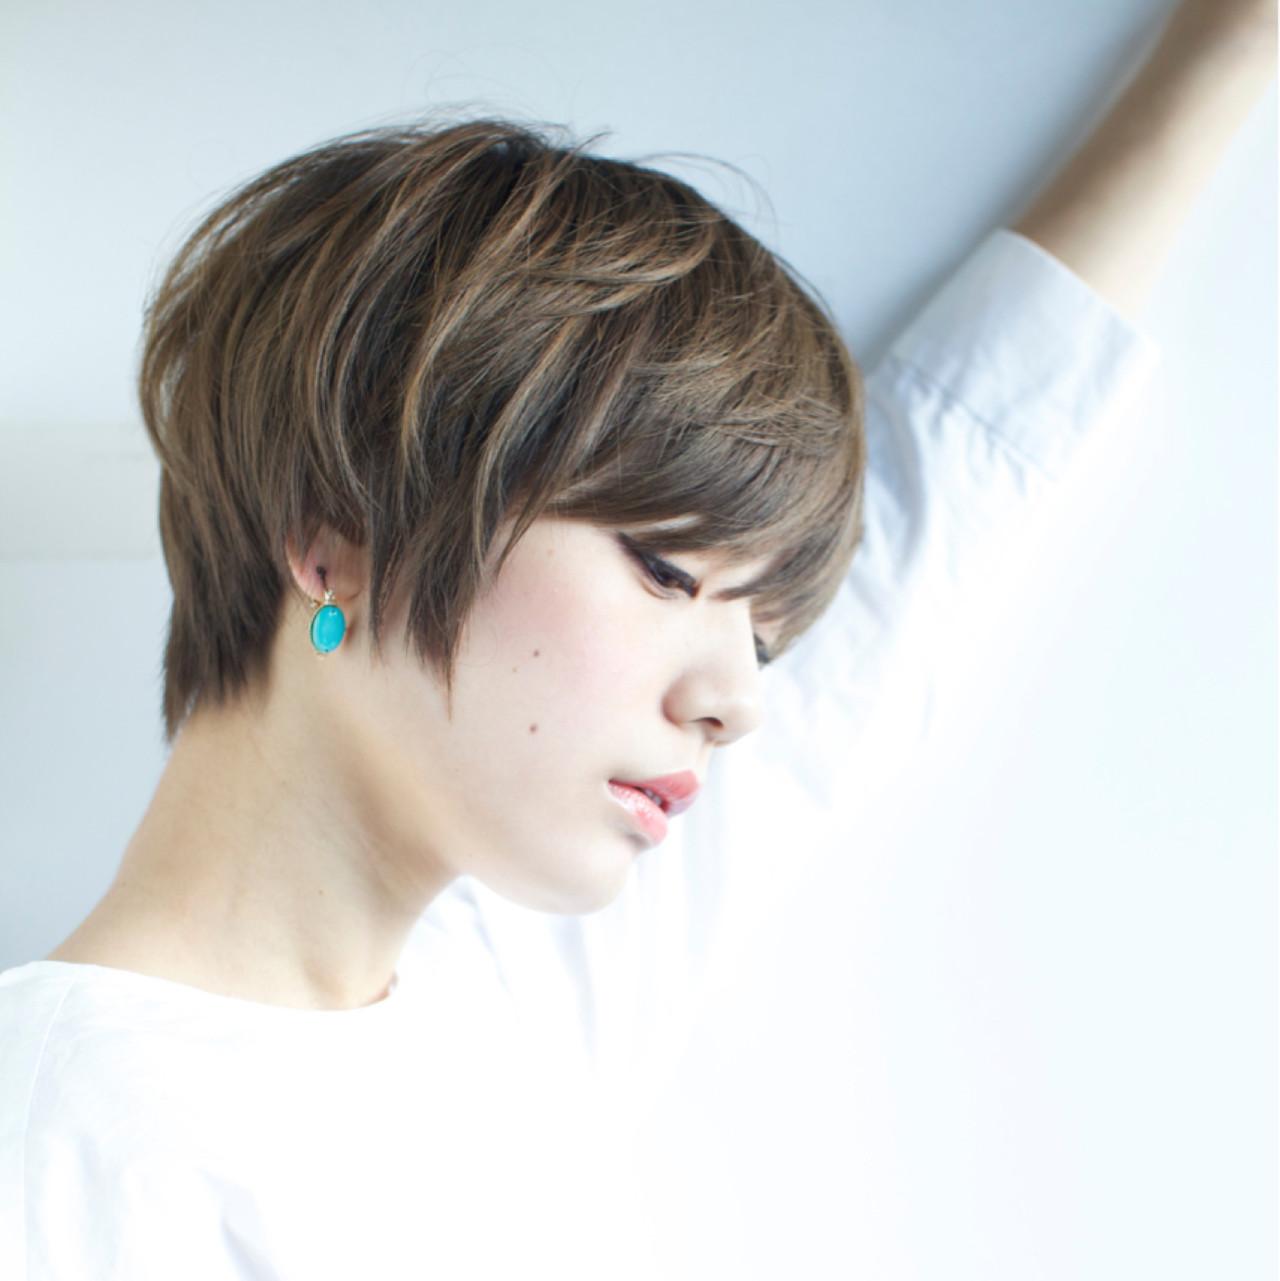 大人女子 小顔 ニュアンス 大人かわいい ヘアスタイルや髪型の写真・画像 | 石川 瑠利子 /